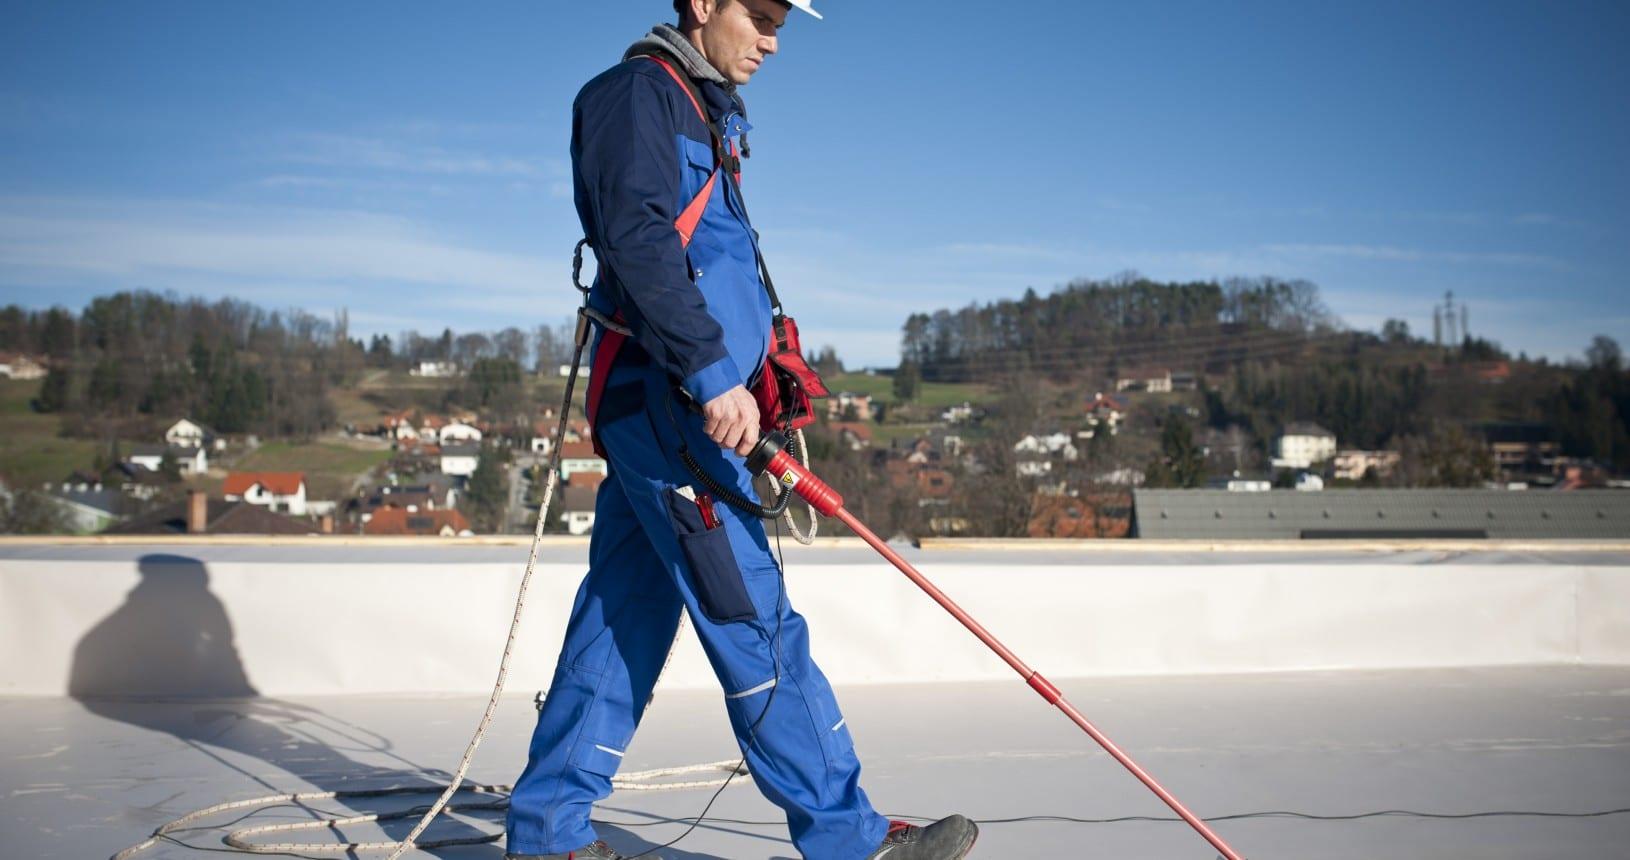 Ein Prüfdach-Arbeiter untersucht ein Foliendach mithilfe des Funkenschlagverfahrens auf Fehler.